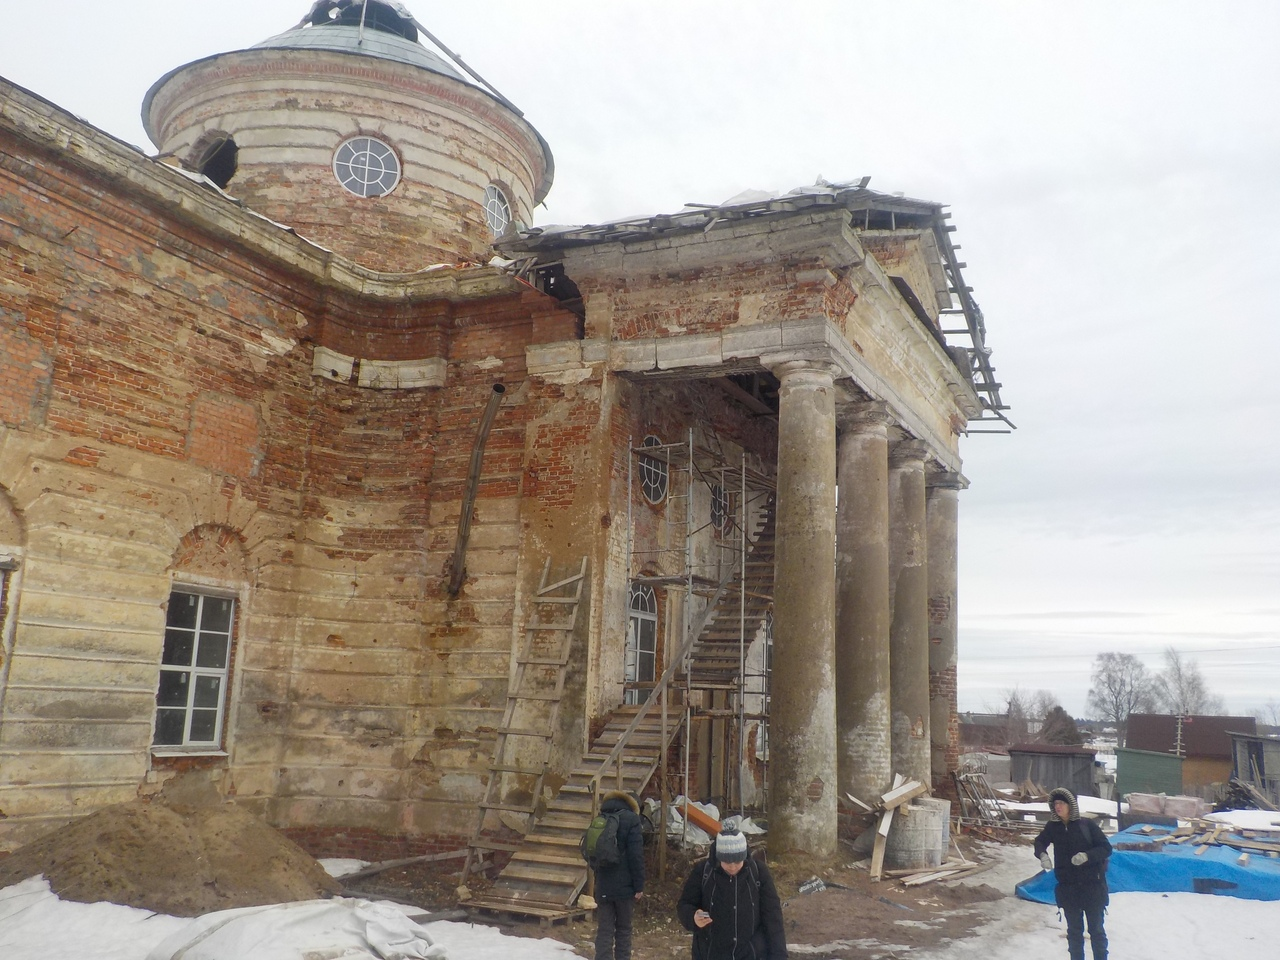 По Ломоносовскому району. Старинный храм в деревне Дятлицы